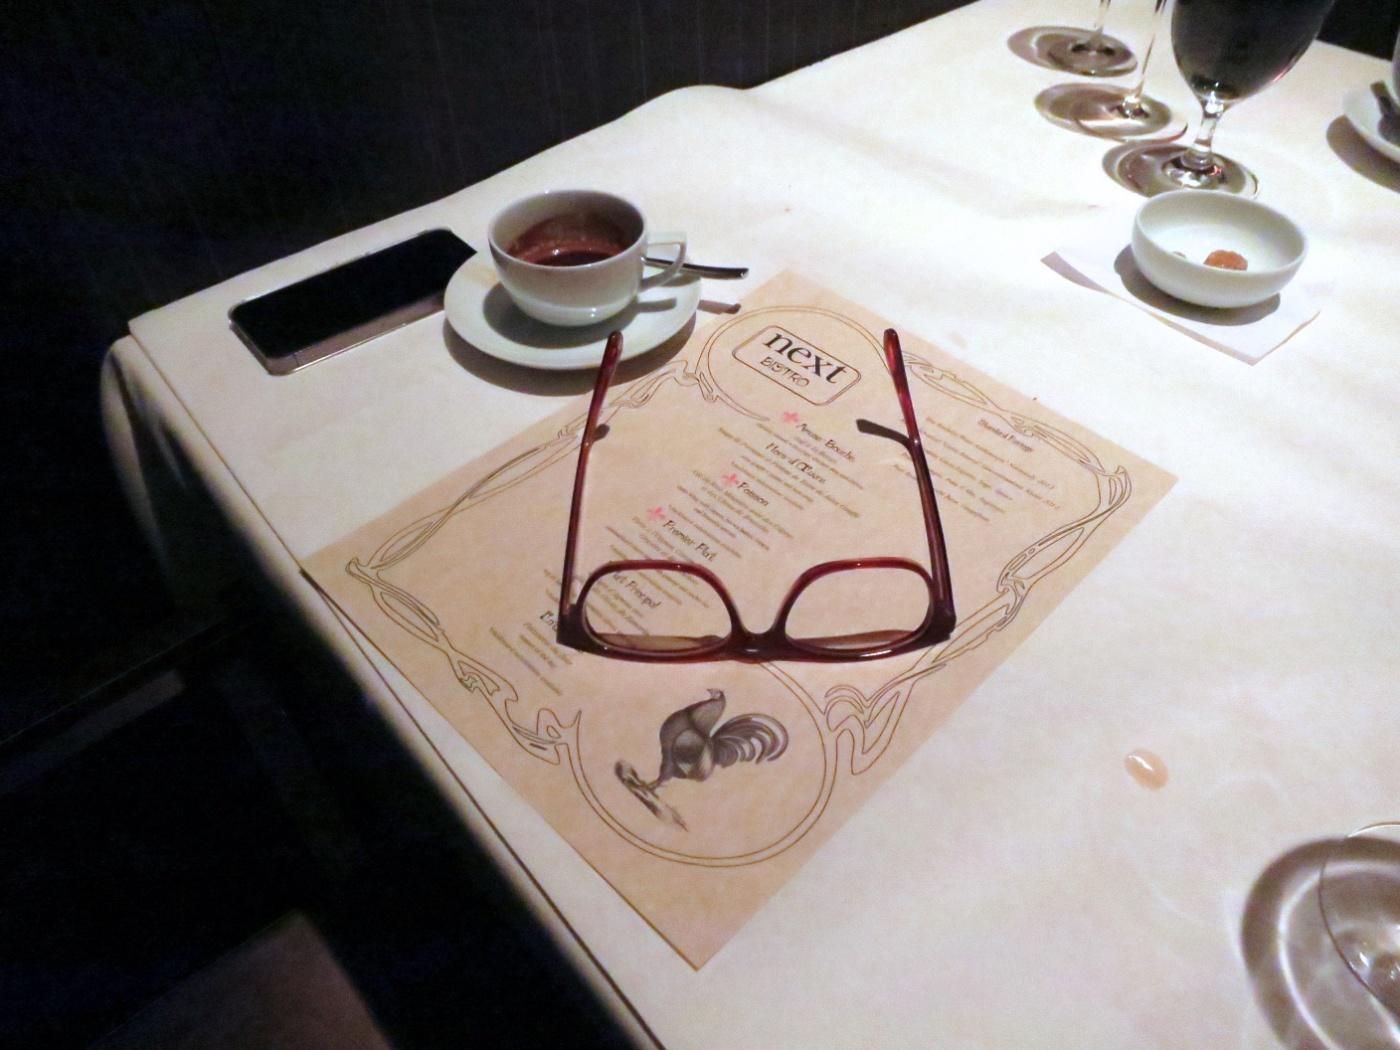 Next Restaurant: Bistro